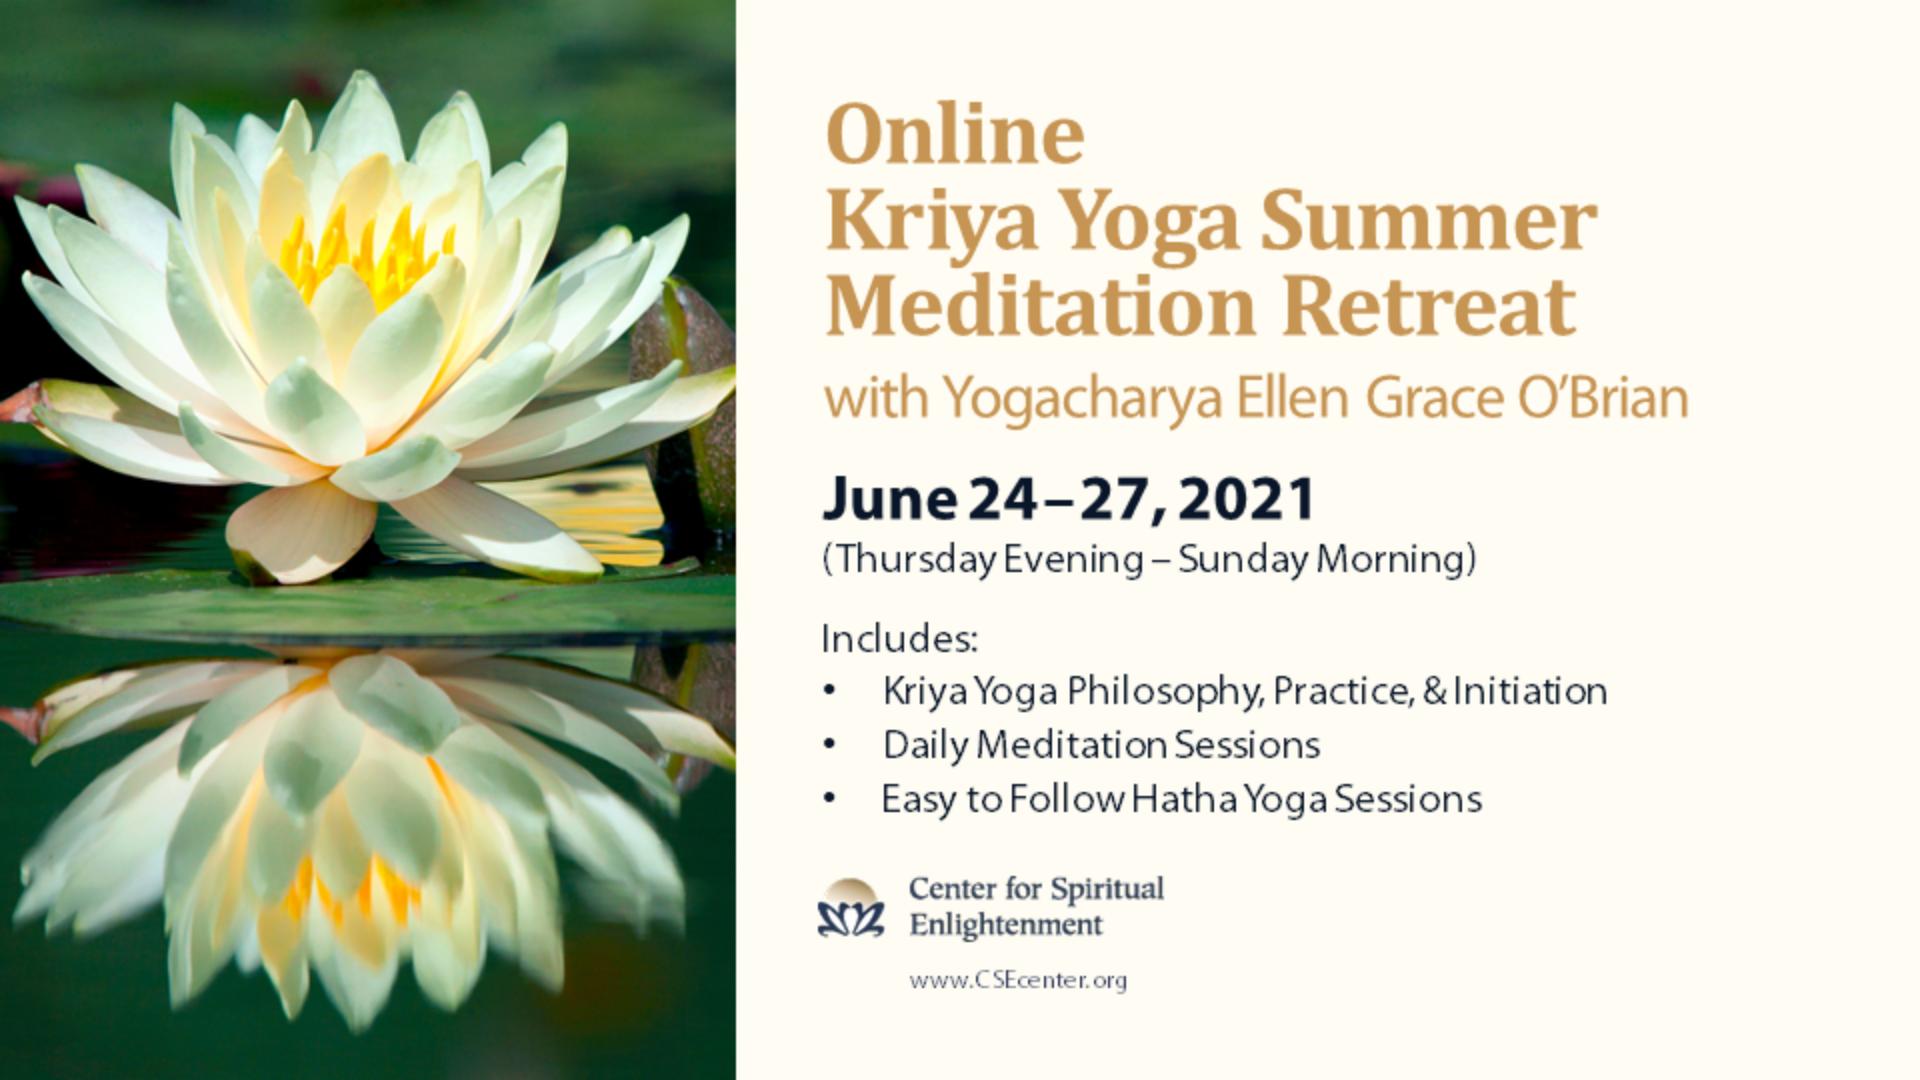 Online Kriya Yoga Summer Mediation Retreat